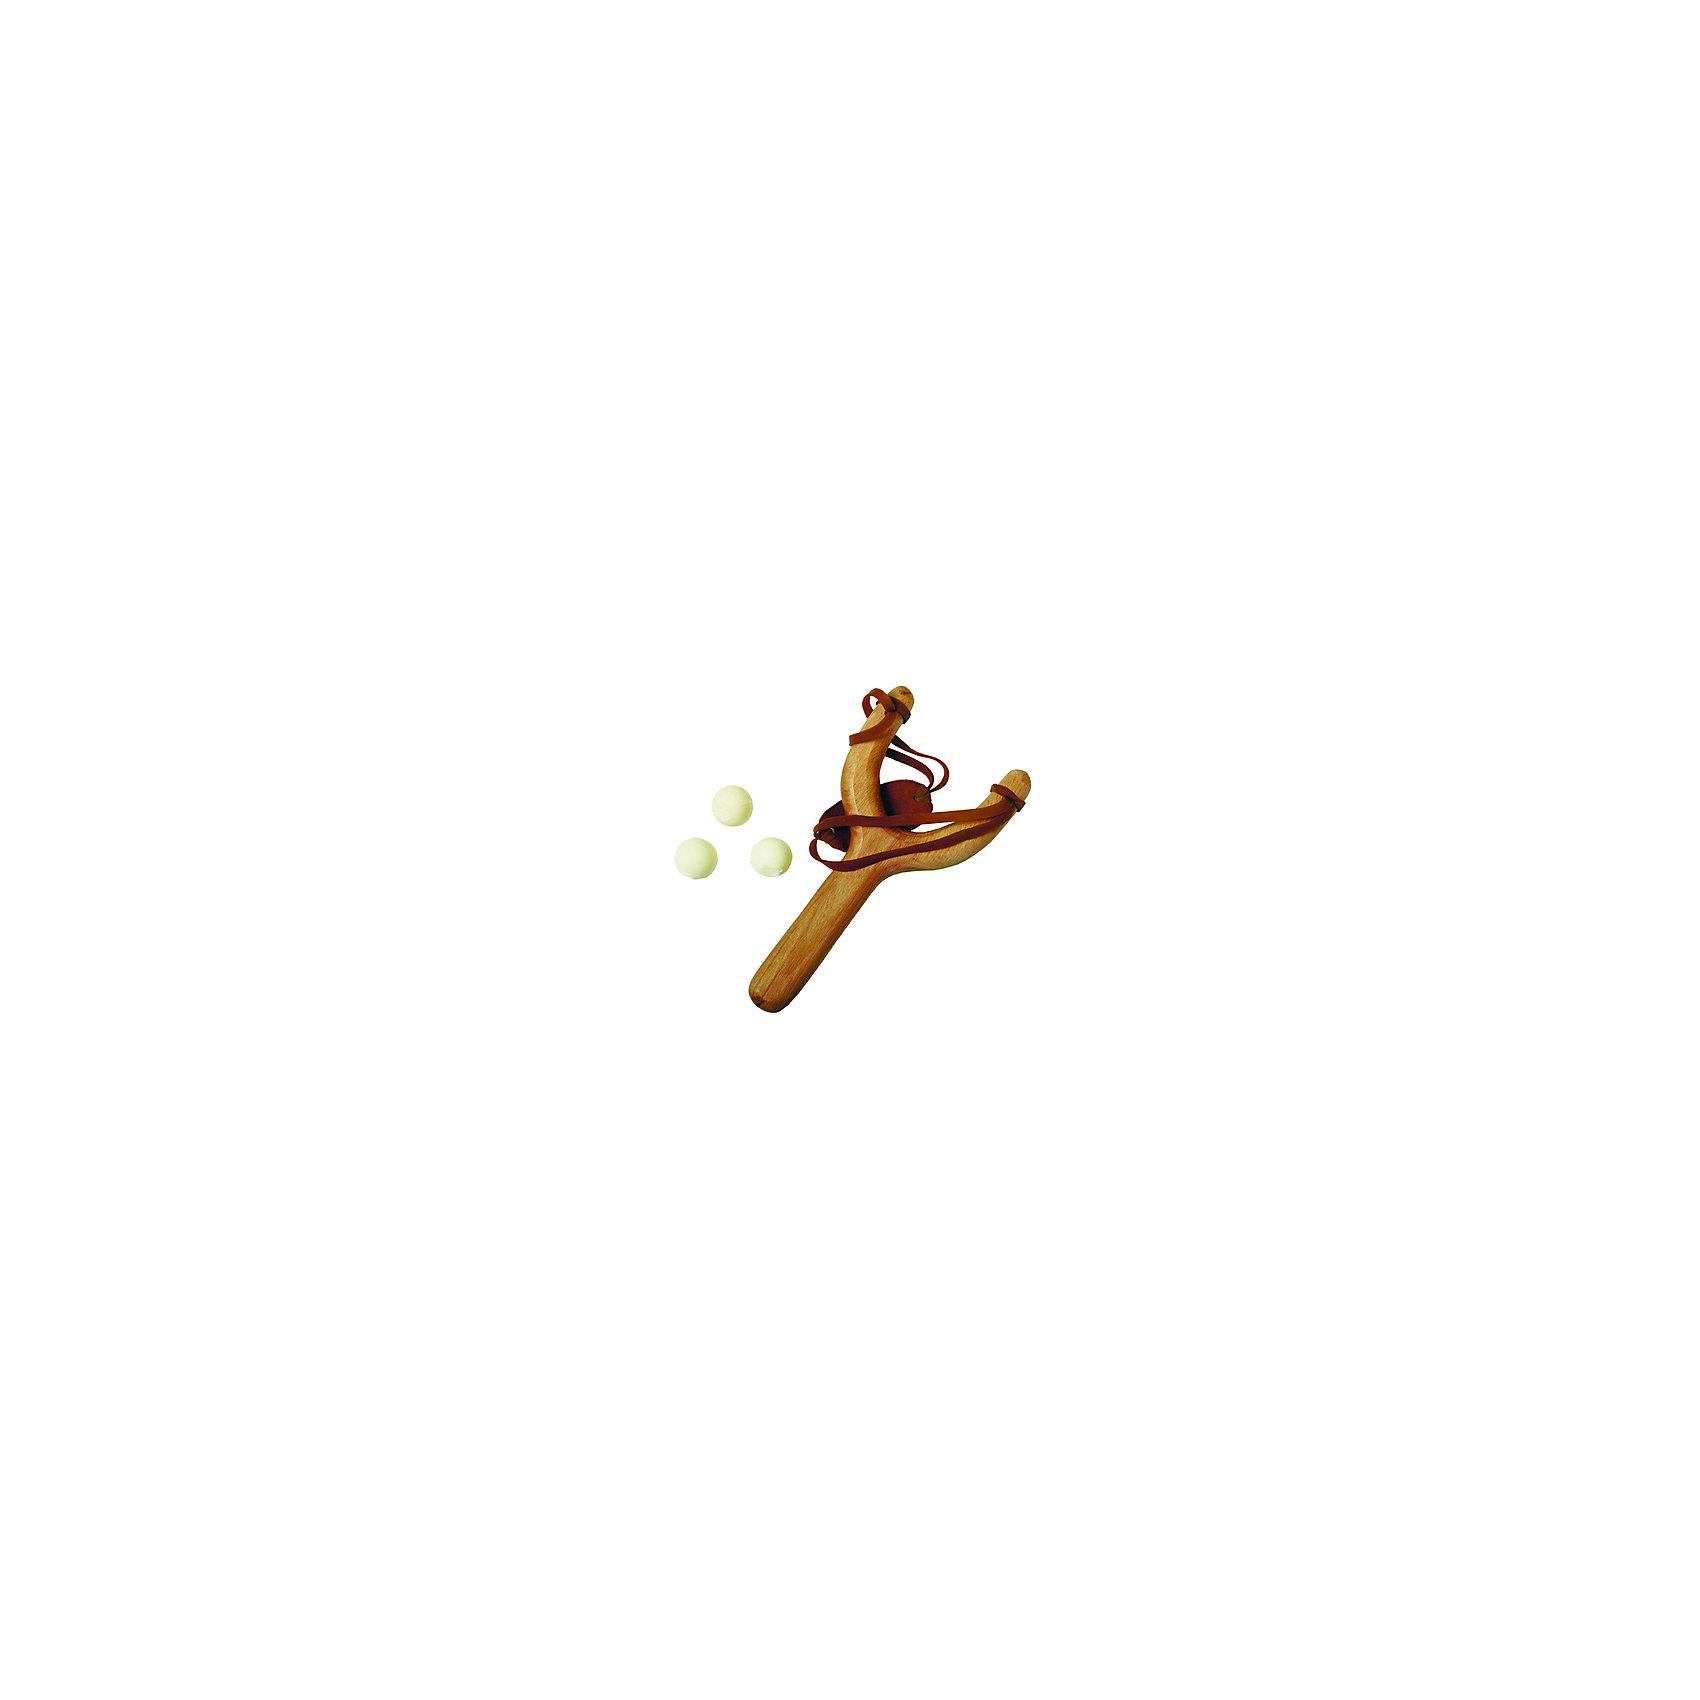 Рогатка с 3-мя шарикамиСюжетно-ролевые игры<br>Рогатка с 3-мя шариками выглядит совсем как у настоящих стрелков! Рогатка сделана из экологически чистых материалов компанией ЯиГрушка, специализирующейся на деревянном игрушечном оружии для детей. Игрушка поможет развить воображение и придумать много сюжетных игр. Также это поможет ребенку узнать больше о древнерусской культуре. В набор входит рогатка и три пластиковых шарика.<br>Дополнительная информация:<br>- Материал: дерево, резина, пластик<br>- размер упаковки: 21,5 * 2 * 14 см<br>- Вес: 200 г.<br><br>Рогатку с 3-мя шариками можно купить в нашем интернет-магазине.<br><br>Подробнее:<br>• Для детей в возрасте: от 4 лет<br>• Номер товара: 4918384<br>Страна производитель: Китай<br><br>Ширина мм: 140<br>Глубина мм: 215<br>Высота мм: 20<br>Вес г: 200<br>Возраст от месяцев: 48<br>Возраст до месяцев: 120<br>Пол: Мужской<br>Возраст: Детский<br>SKU: 4918384